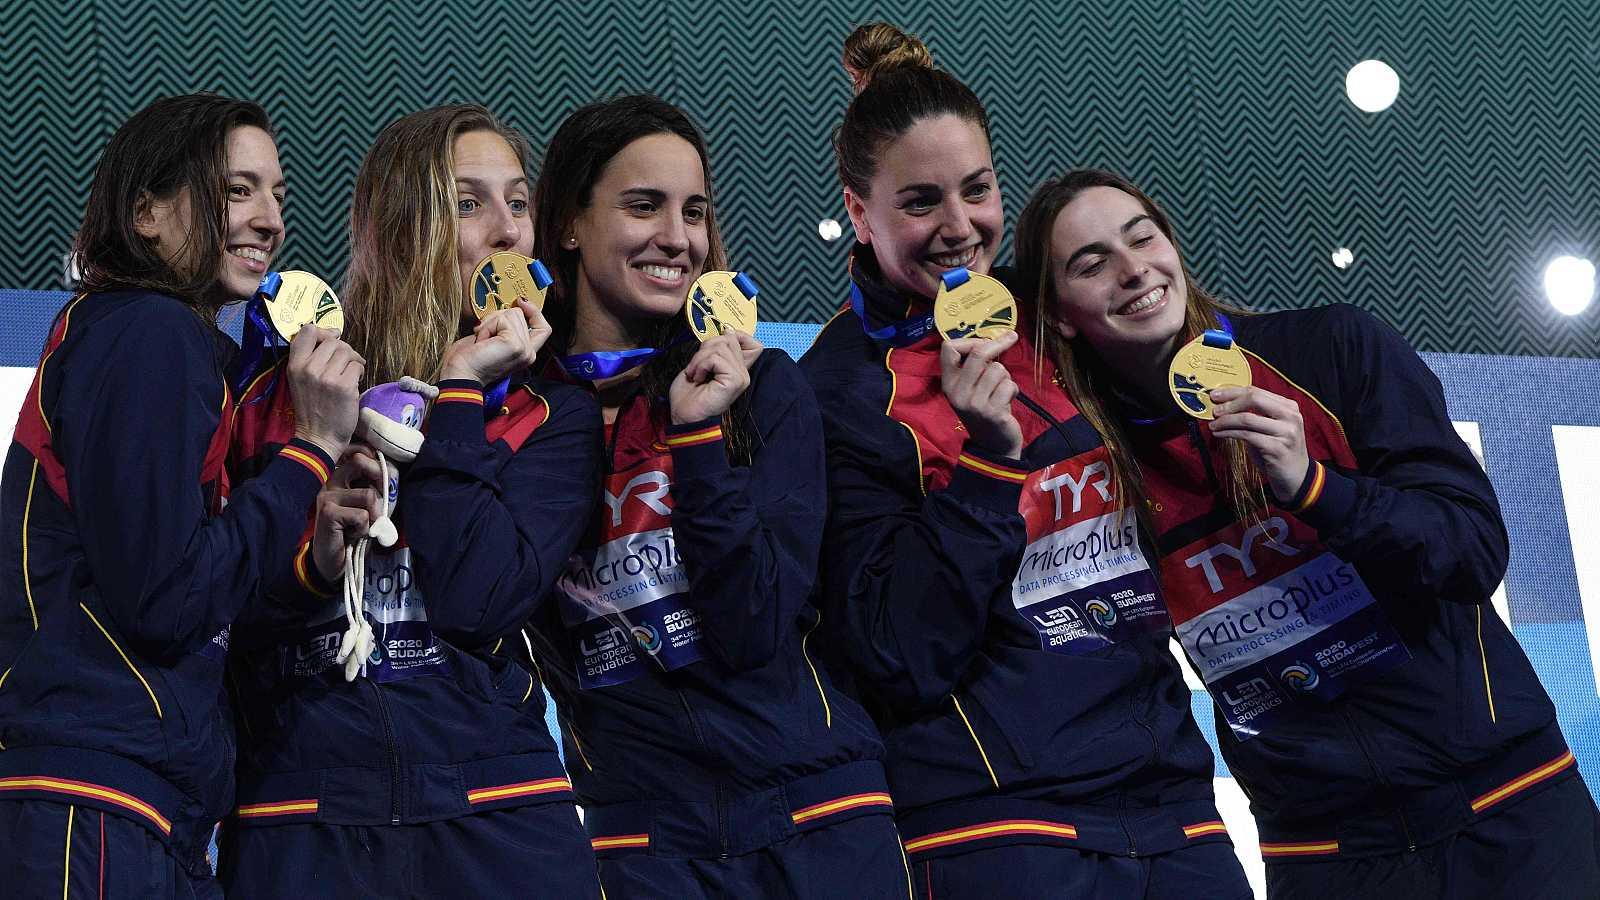 Resumen de la final del Europeo de waterpolo: España 13-12 Rusia